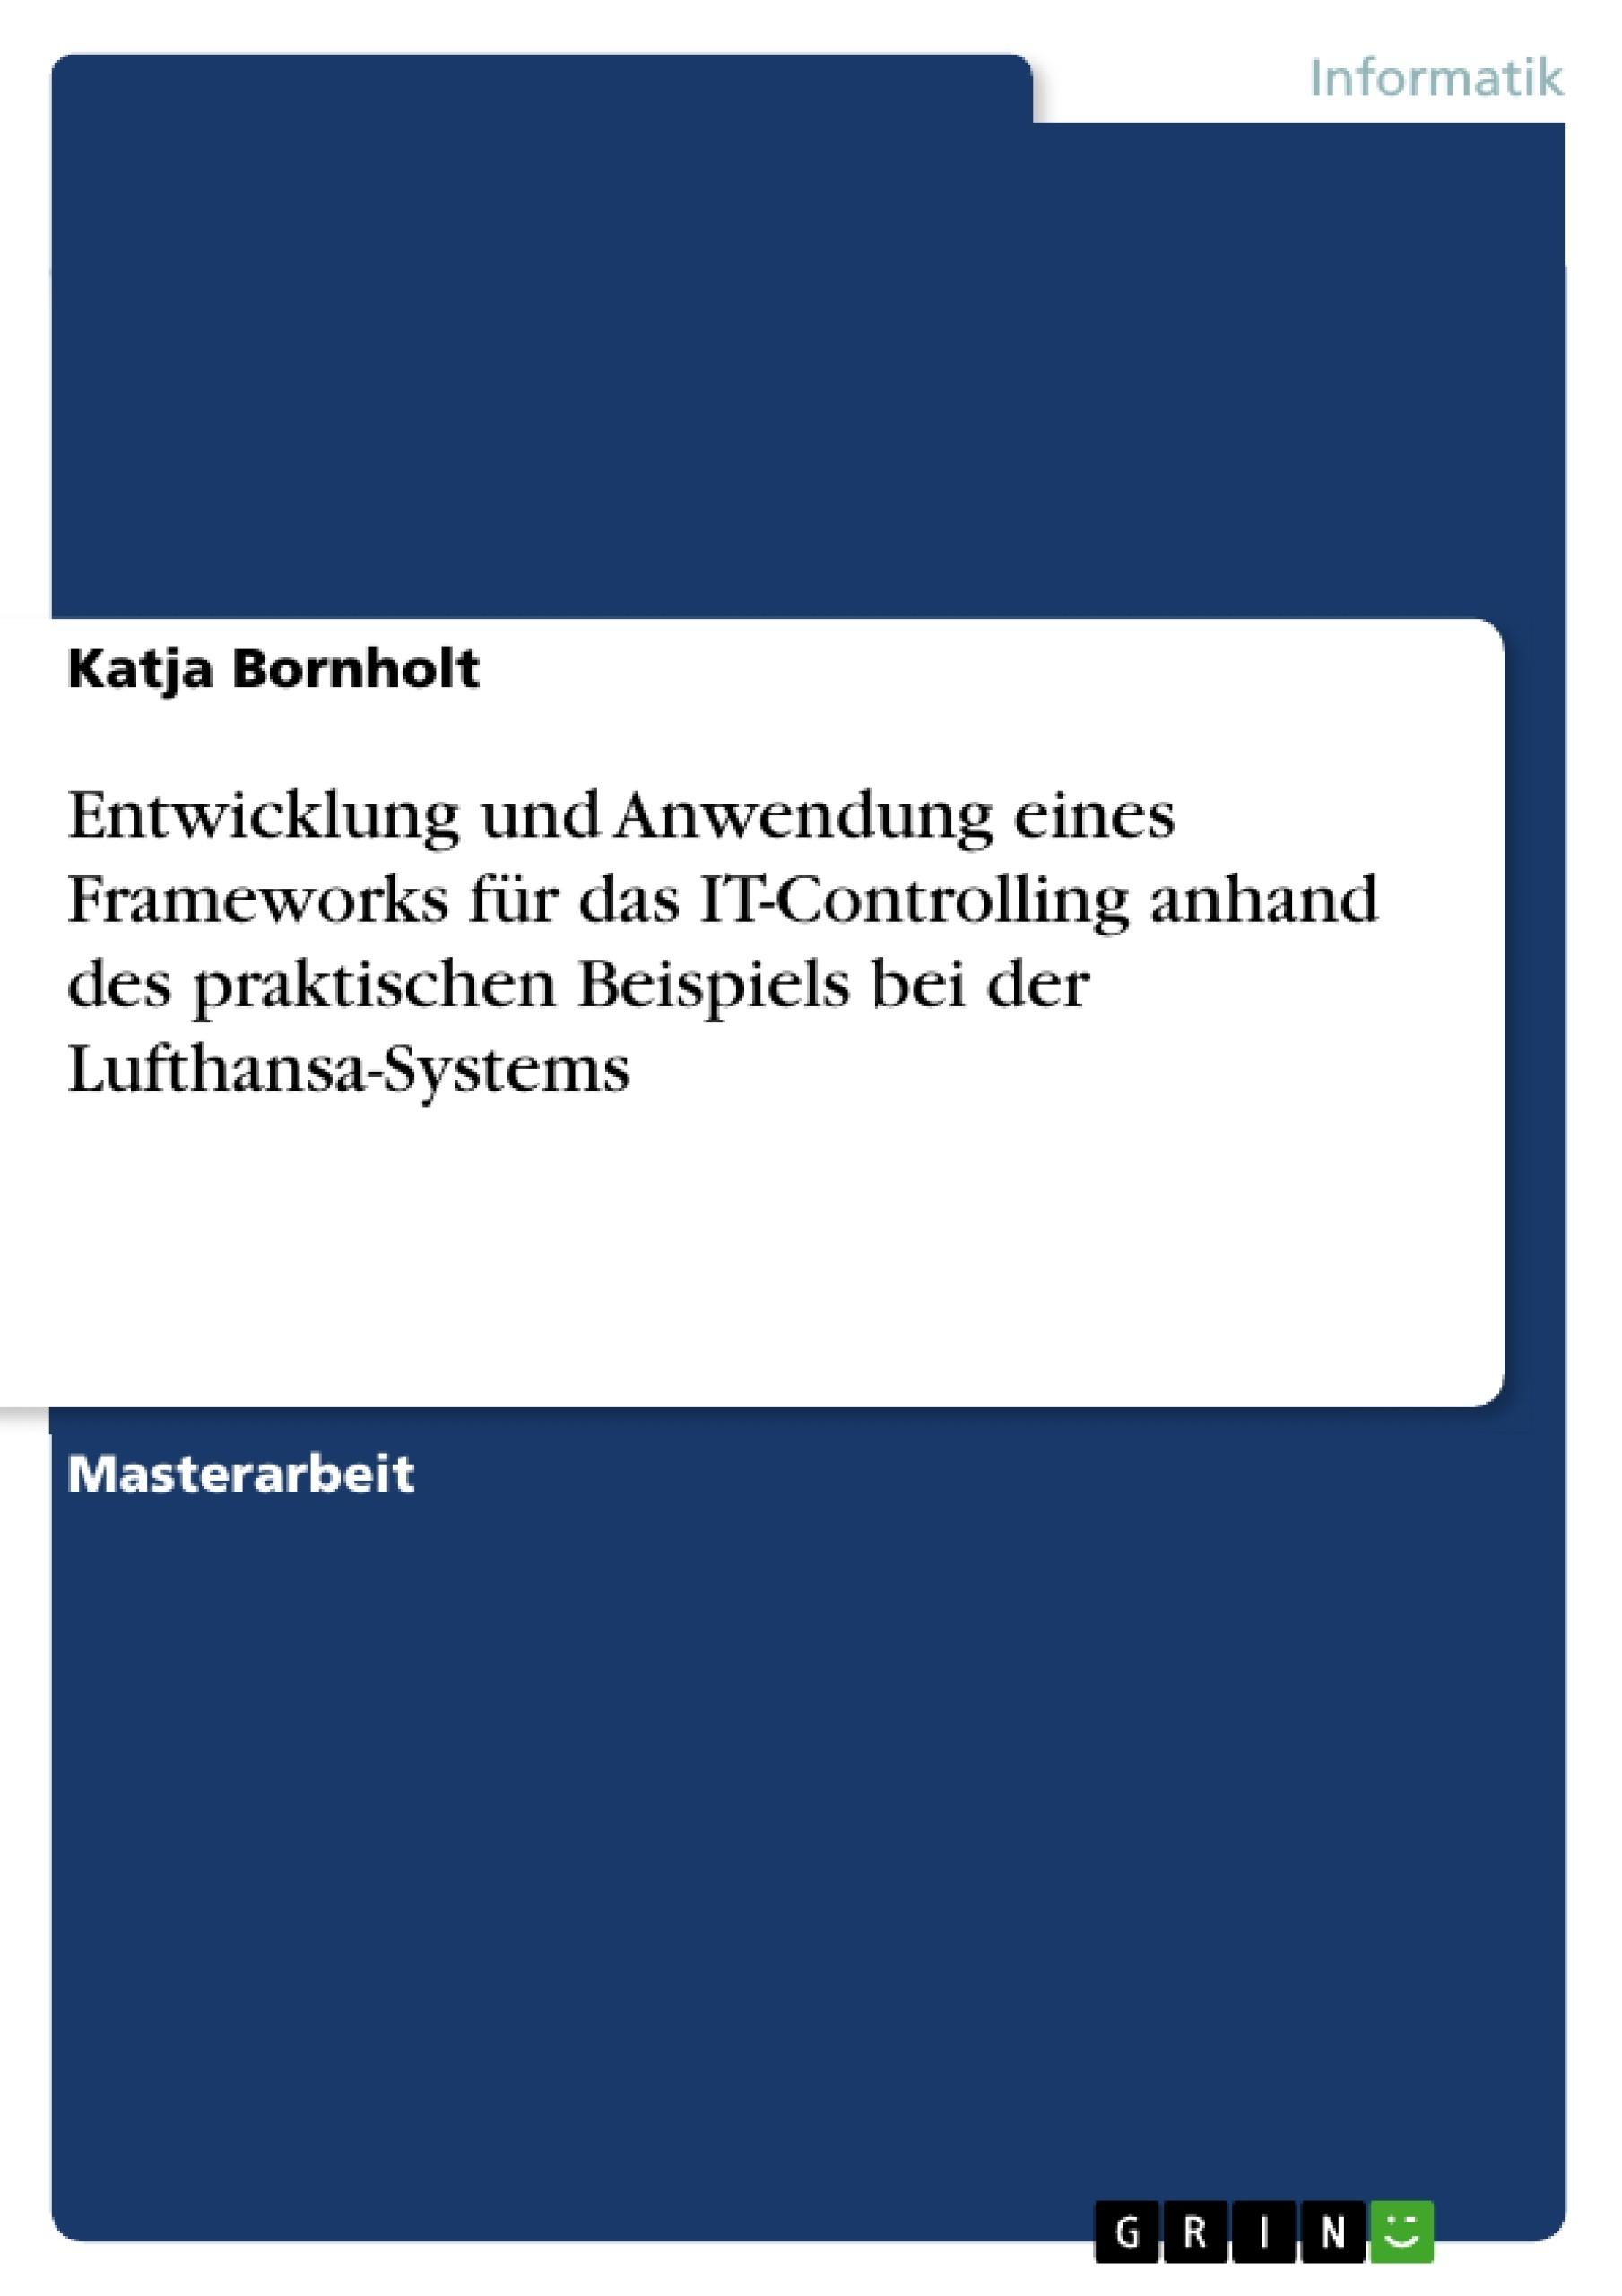 Titel: Entwicklung und Anwendung eines Frameworks für das IT-Controlling anhand des praktischen Beispiels bei der Lufthansa-Systems